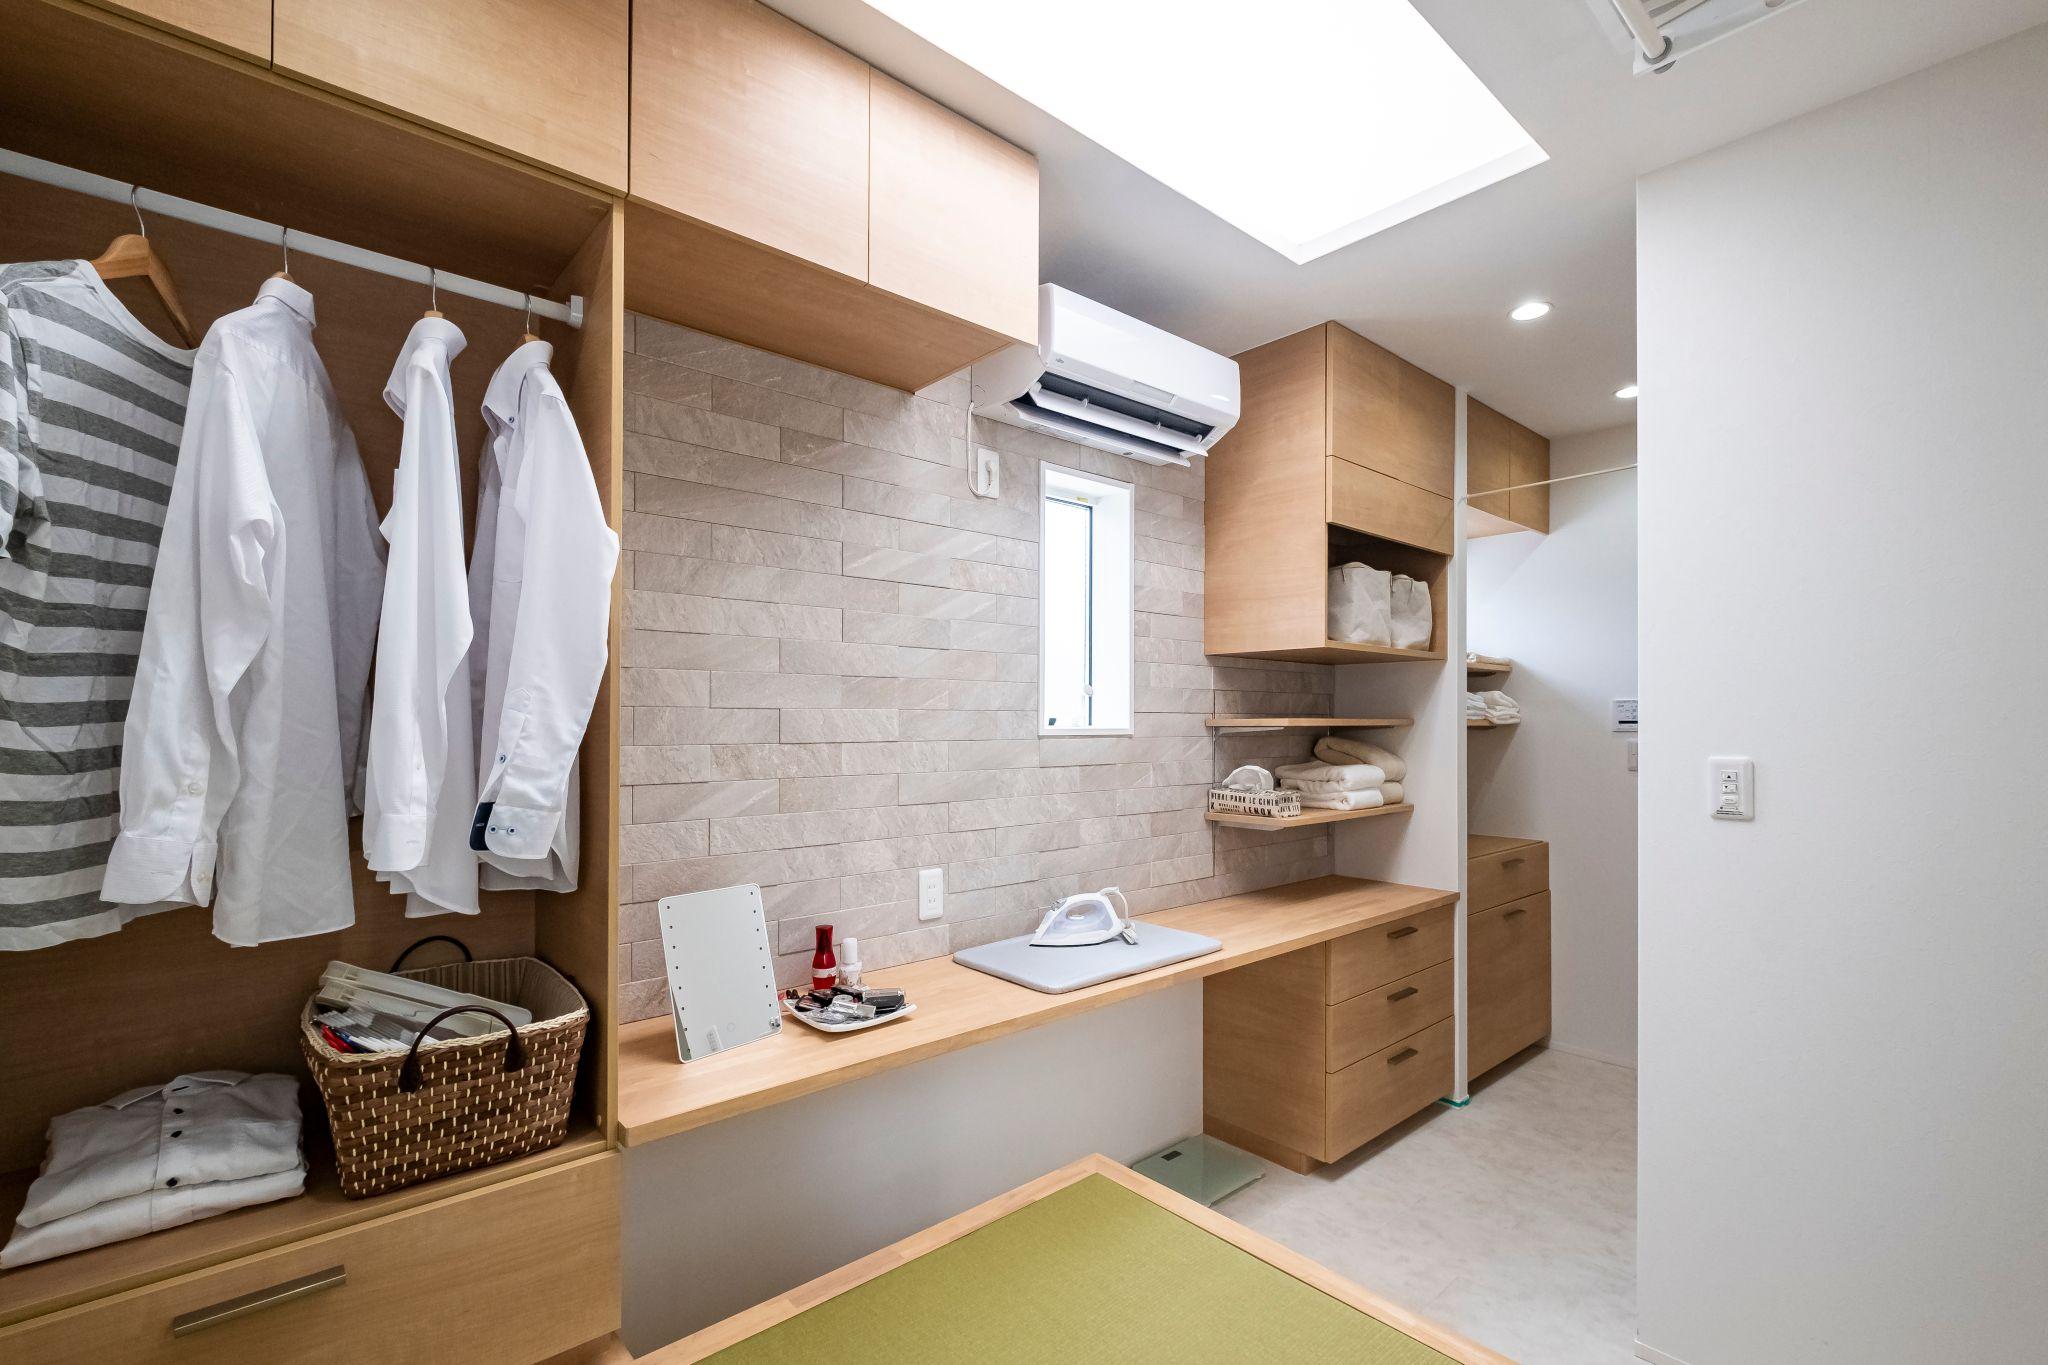 三和建設静岡 地域密着 不動産土地 注文住宅  快乾空間新発売